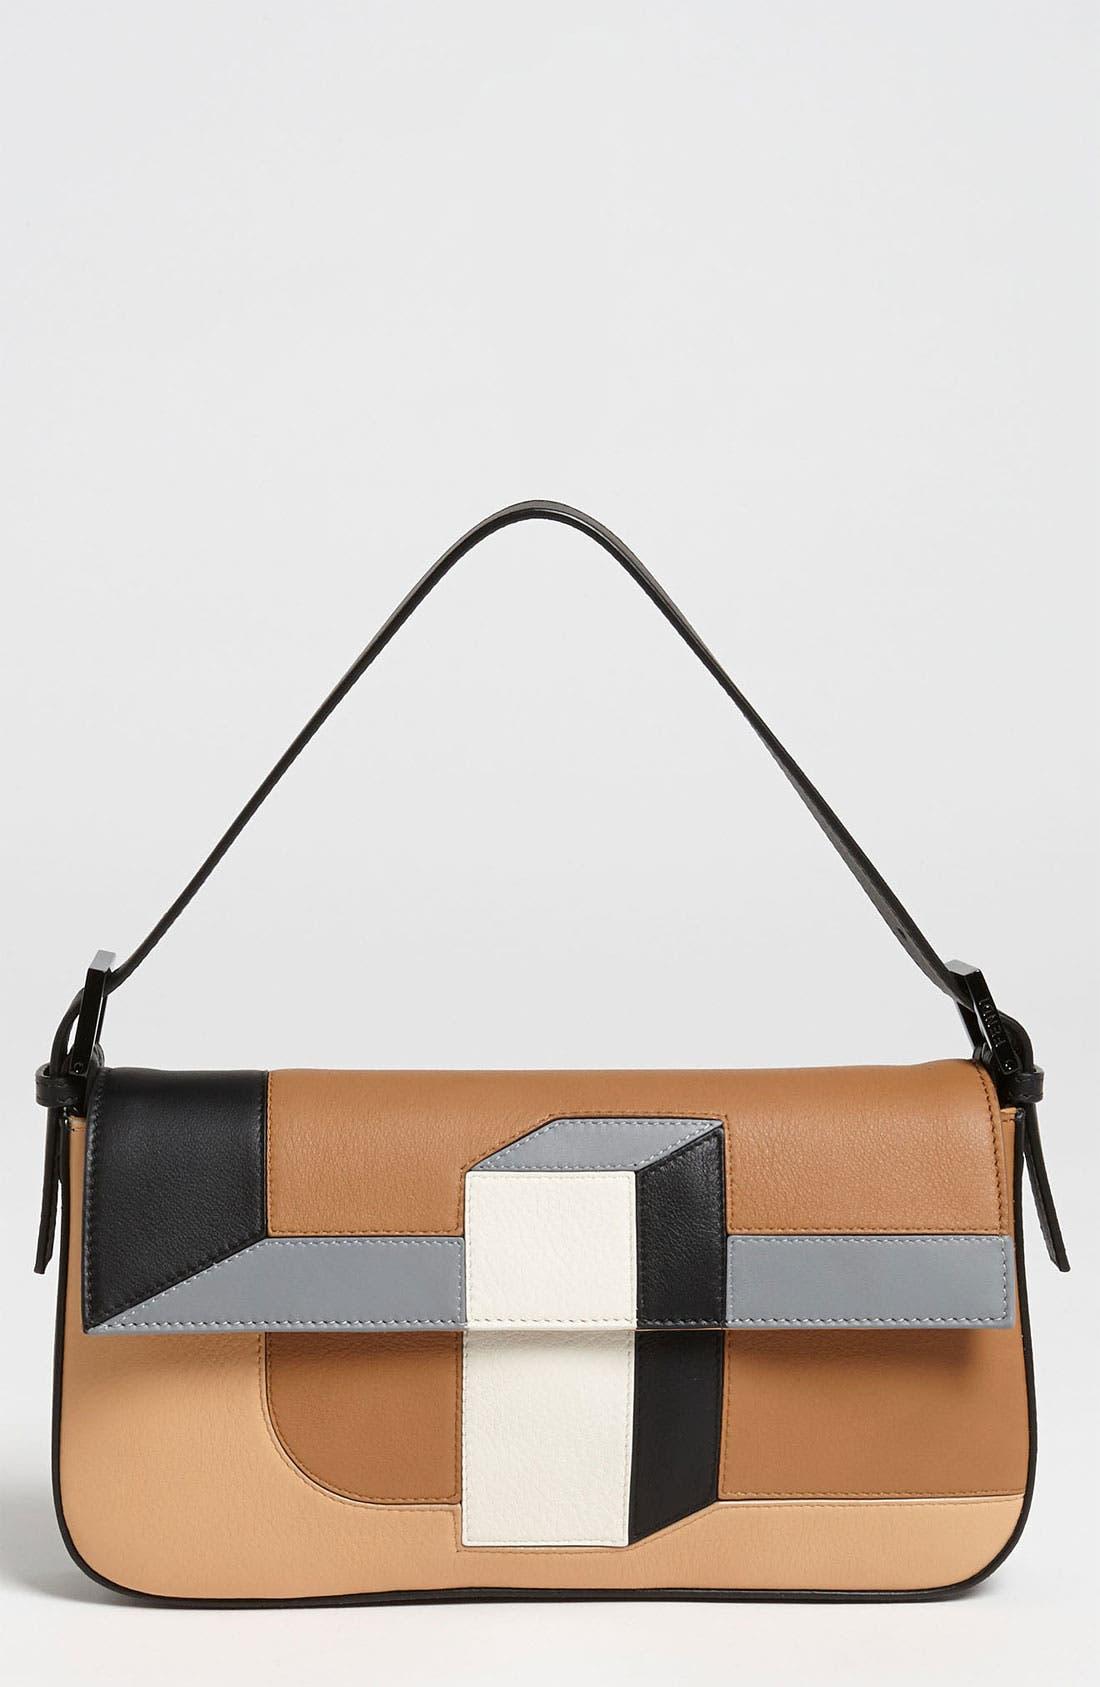 Main Image - Fendi '3D' Leather Baguette